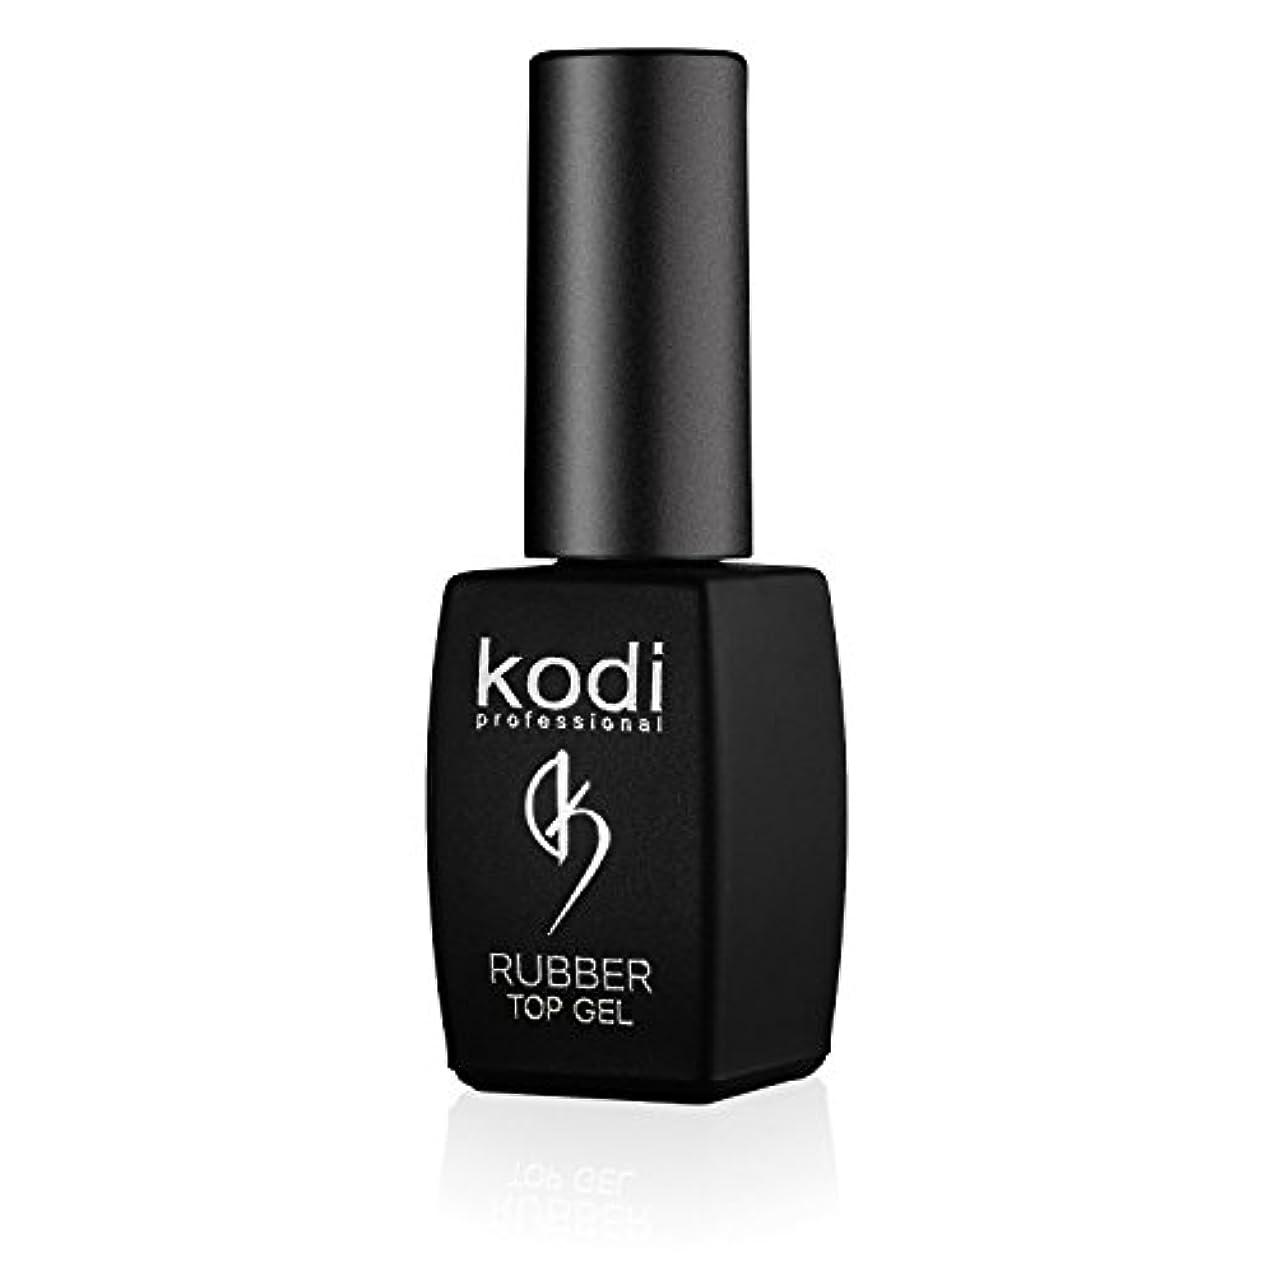 デコレーション完了君主制Professional Rubber Top Gel By Kodi | 8ml 0.27 oz | Soak Off, Polish Fingernails Coat Kit | For Long Lasting Nails...